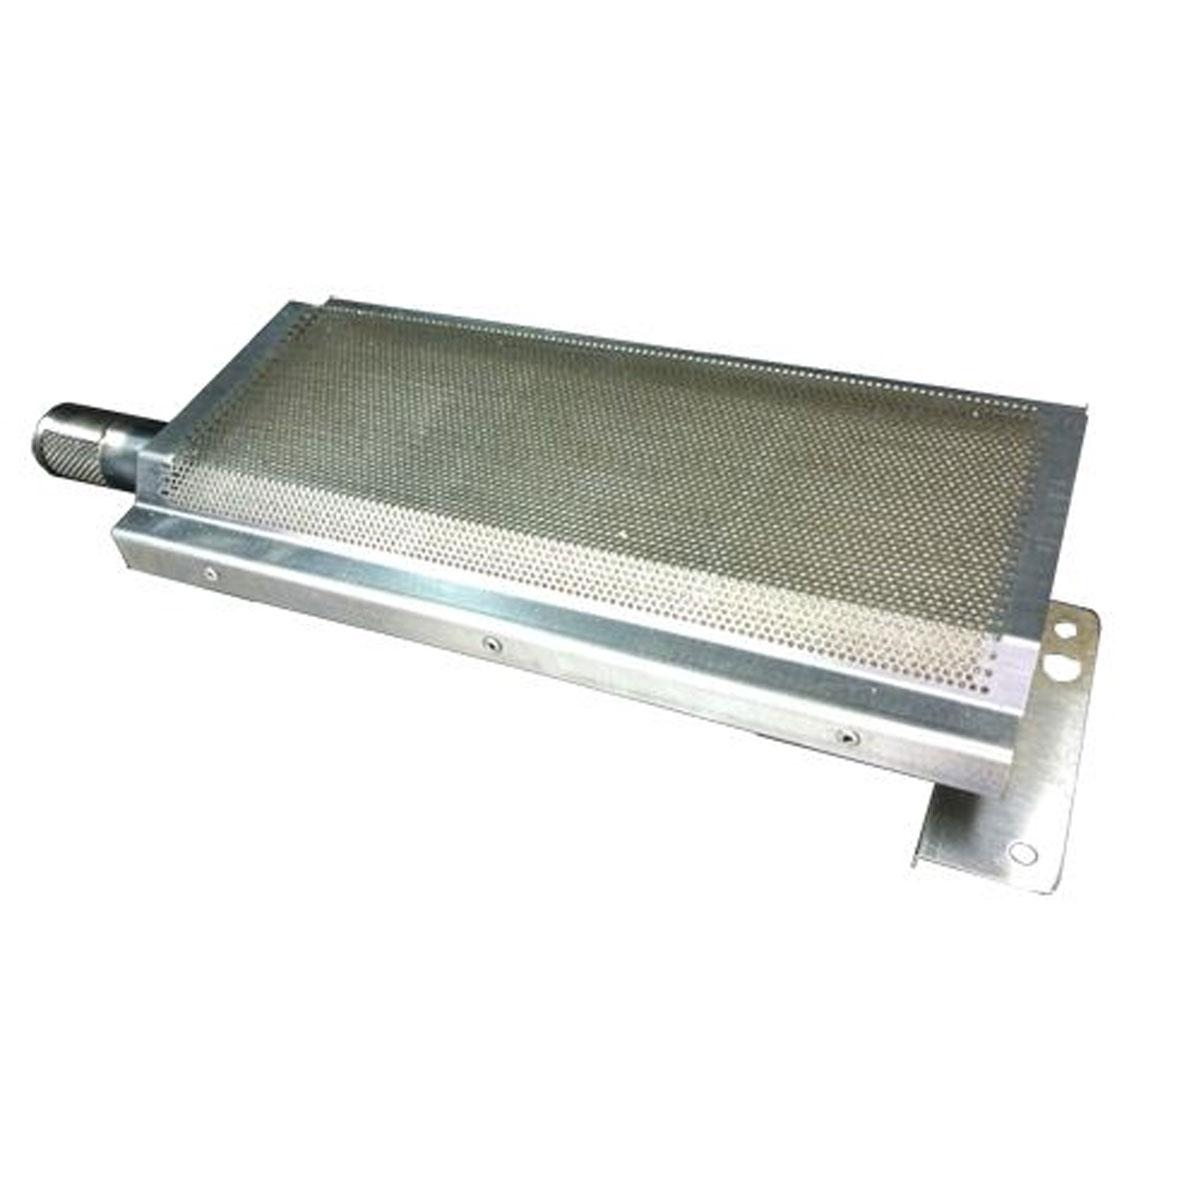 Queimador Infrared - 800 graus Home e Grill Linha Premium - Infravermelho